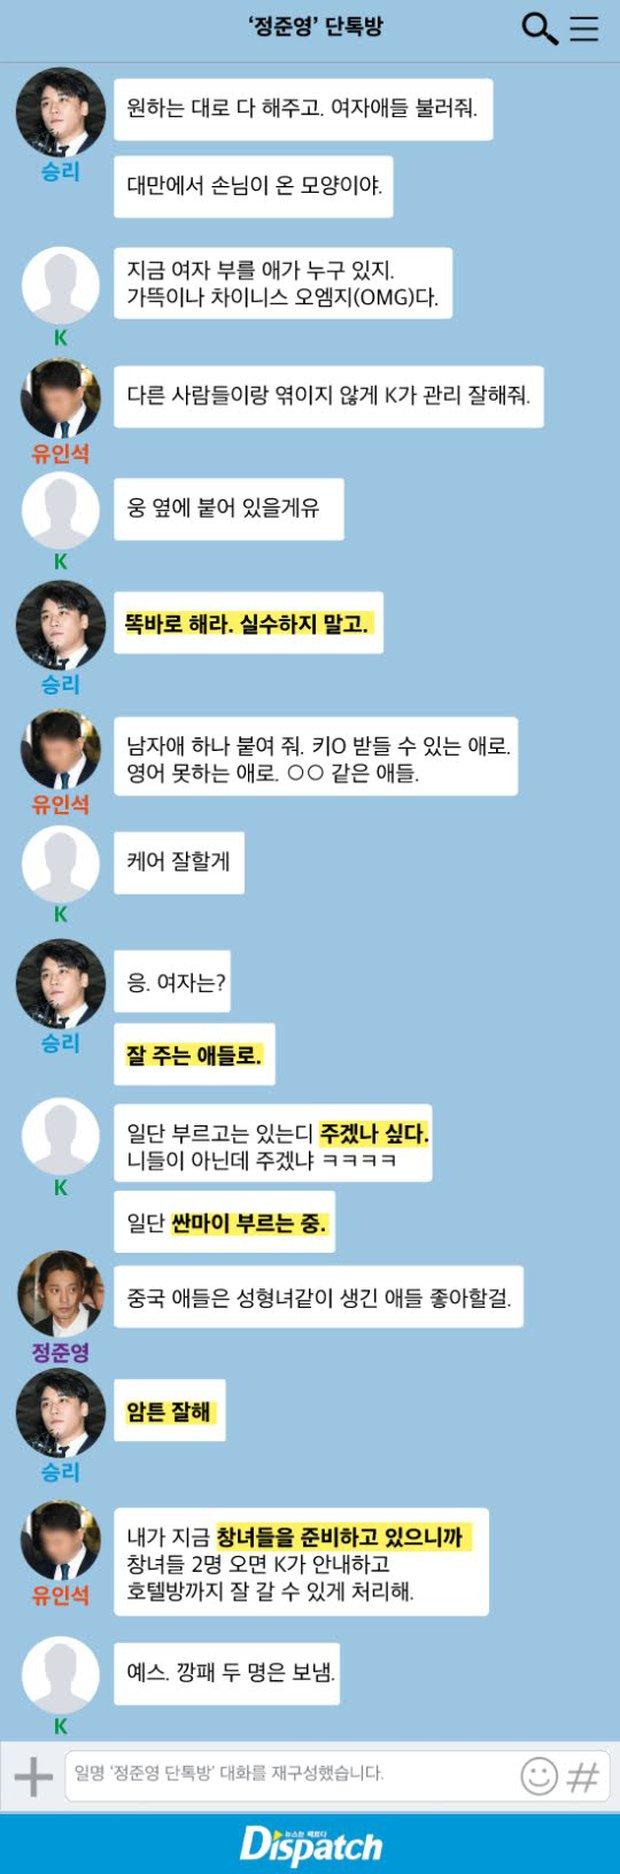 Chấn động: Dispatch khui tin nhắn mới tố Seungri môi giới mại dâm, bàn chuyện đồi trụy, phản bác lời khai... lỗi đánh máy - Ảnh 3.